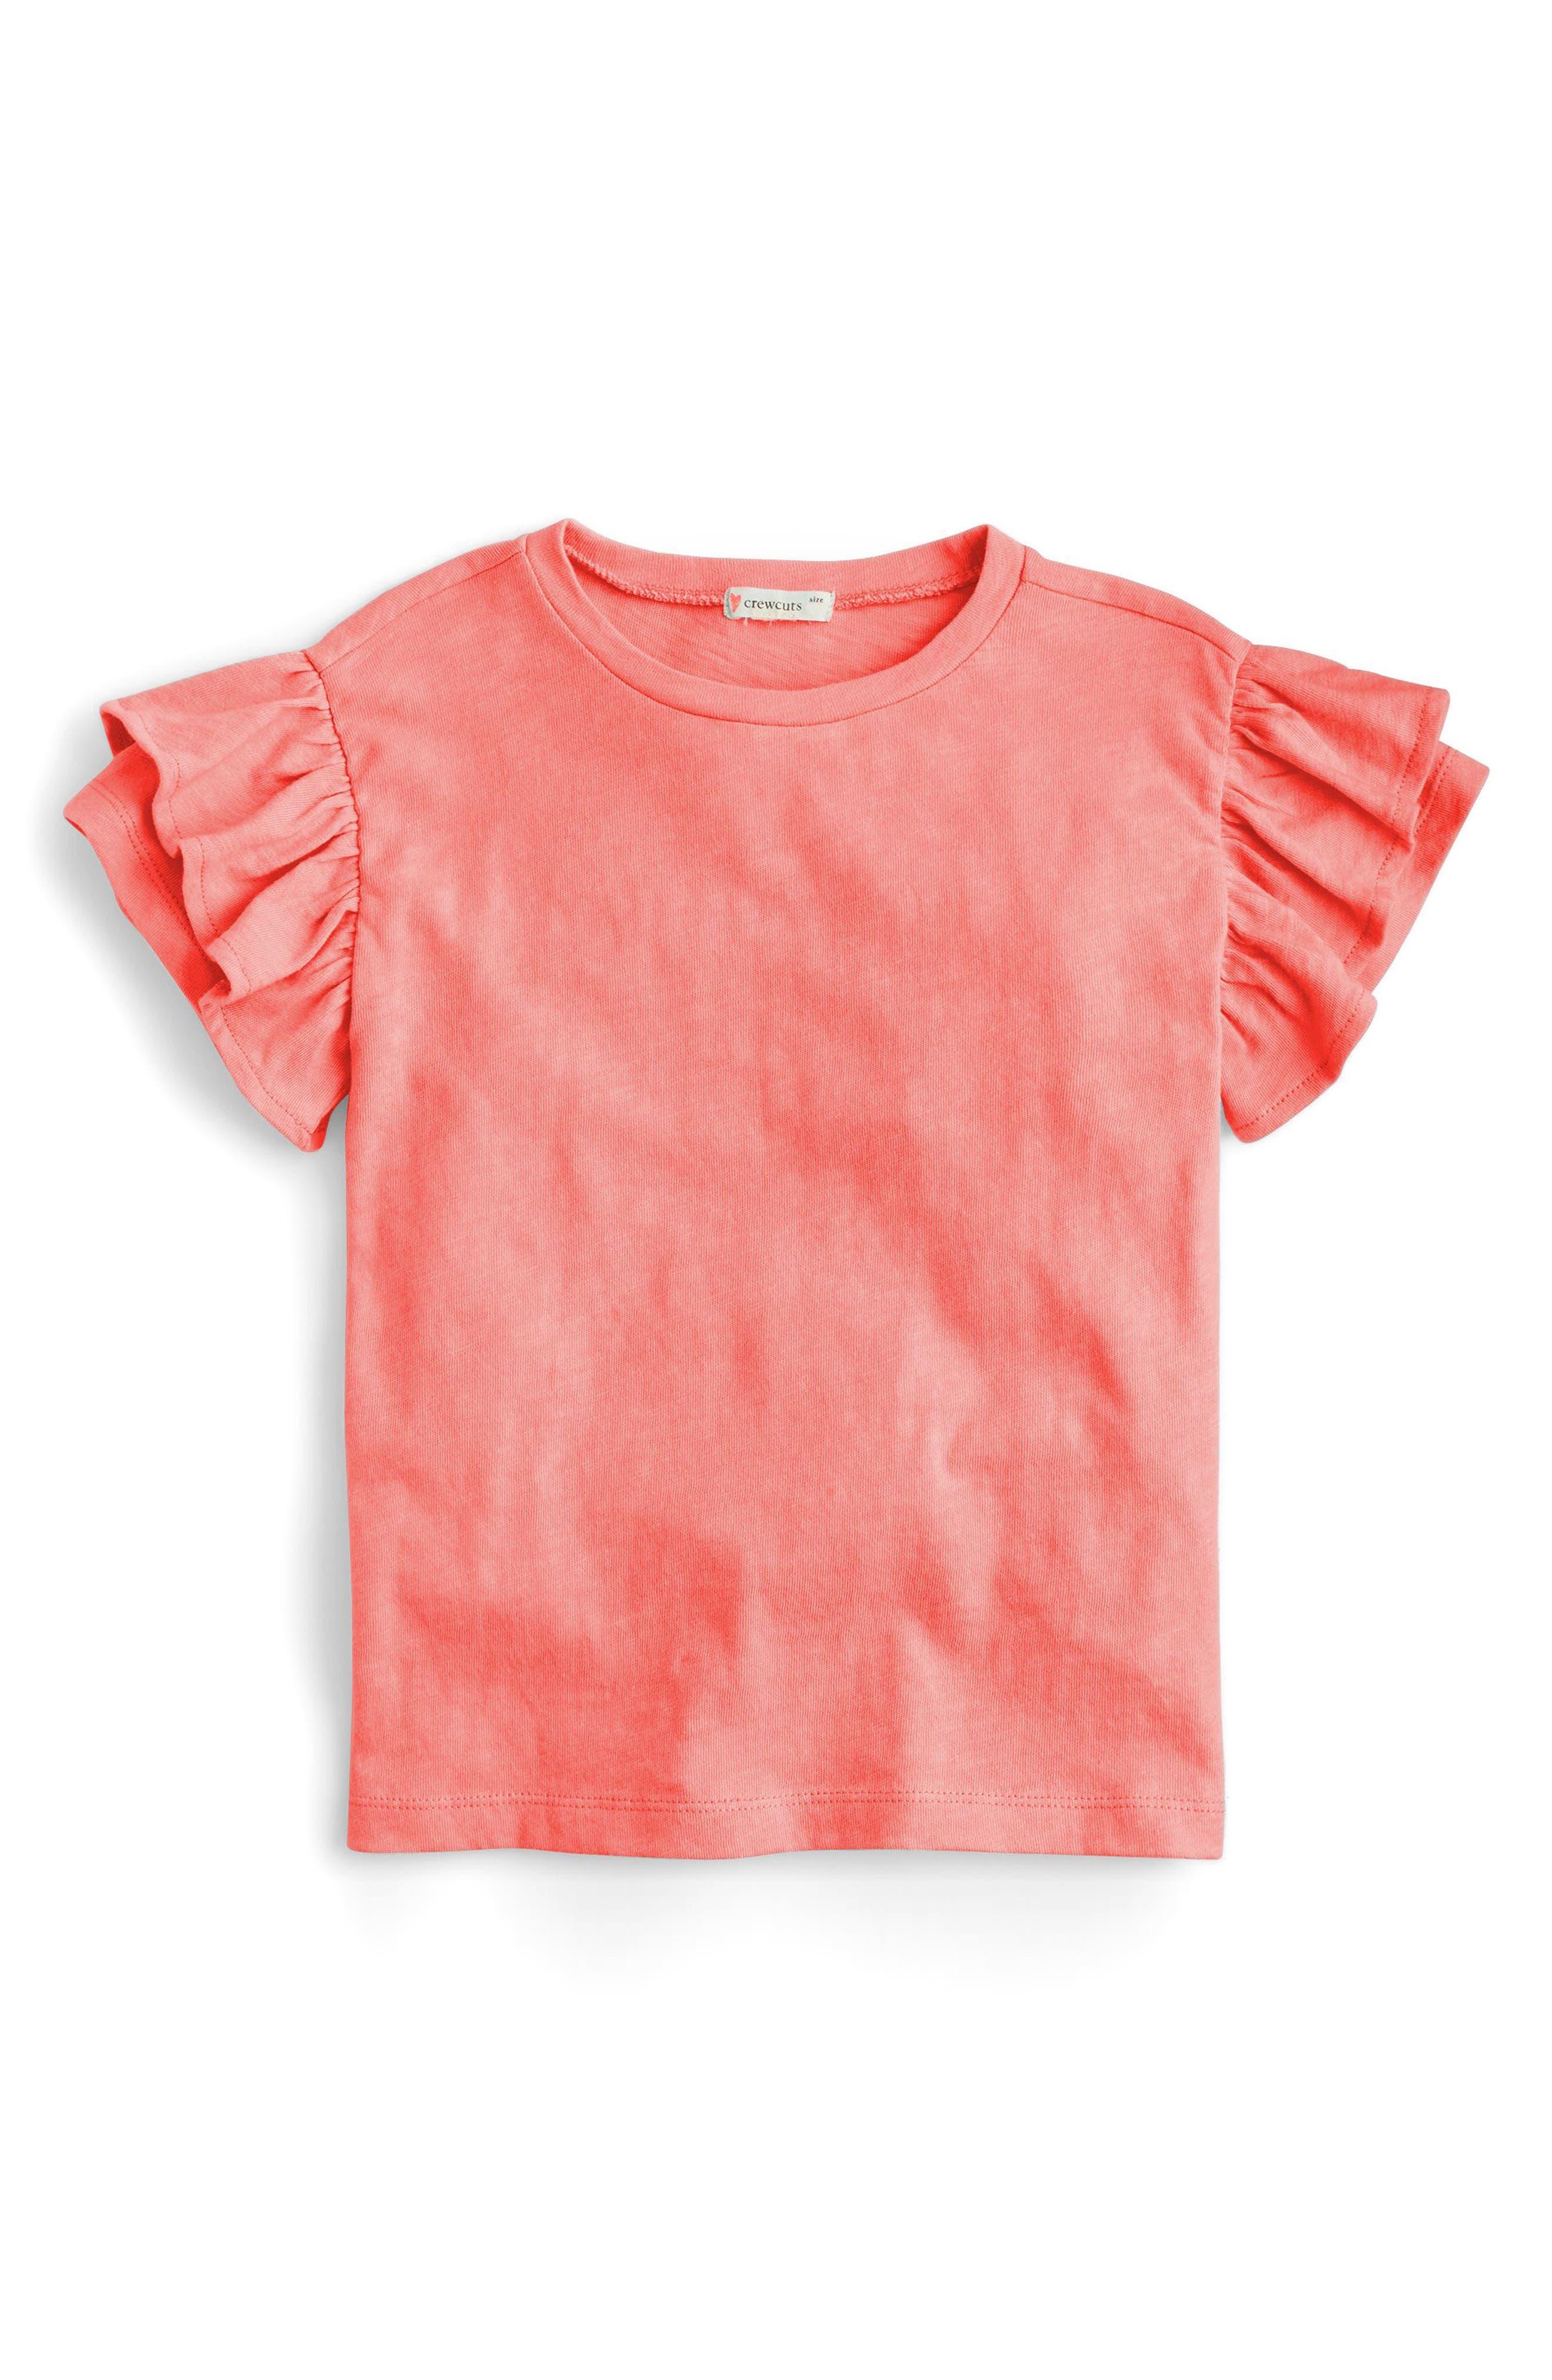 crewcuts by J.Crew Flutter Sleeve T-Shirt (Toddler Girls, Little Girls & Big Girls)